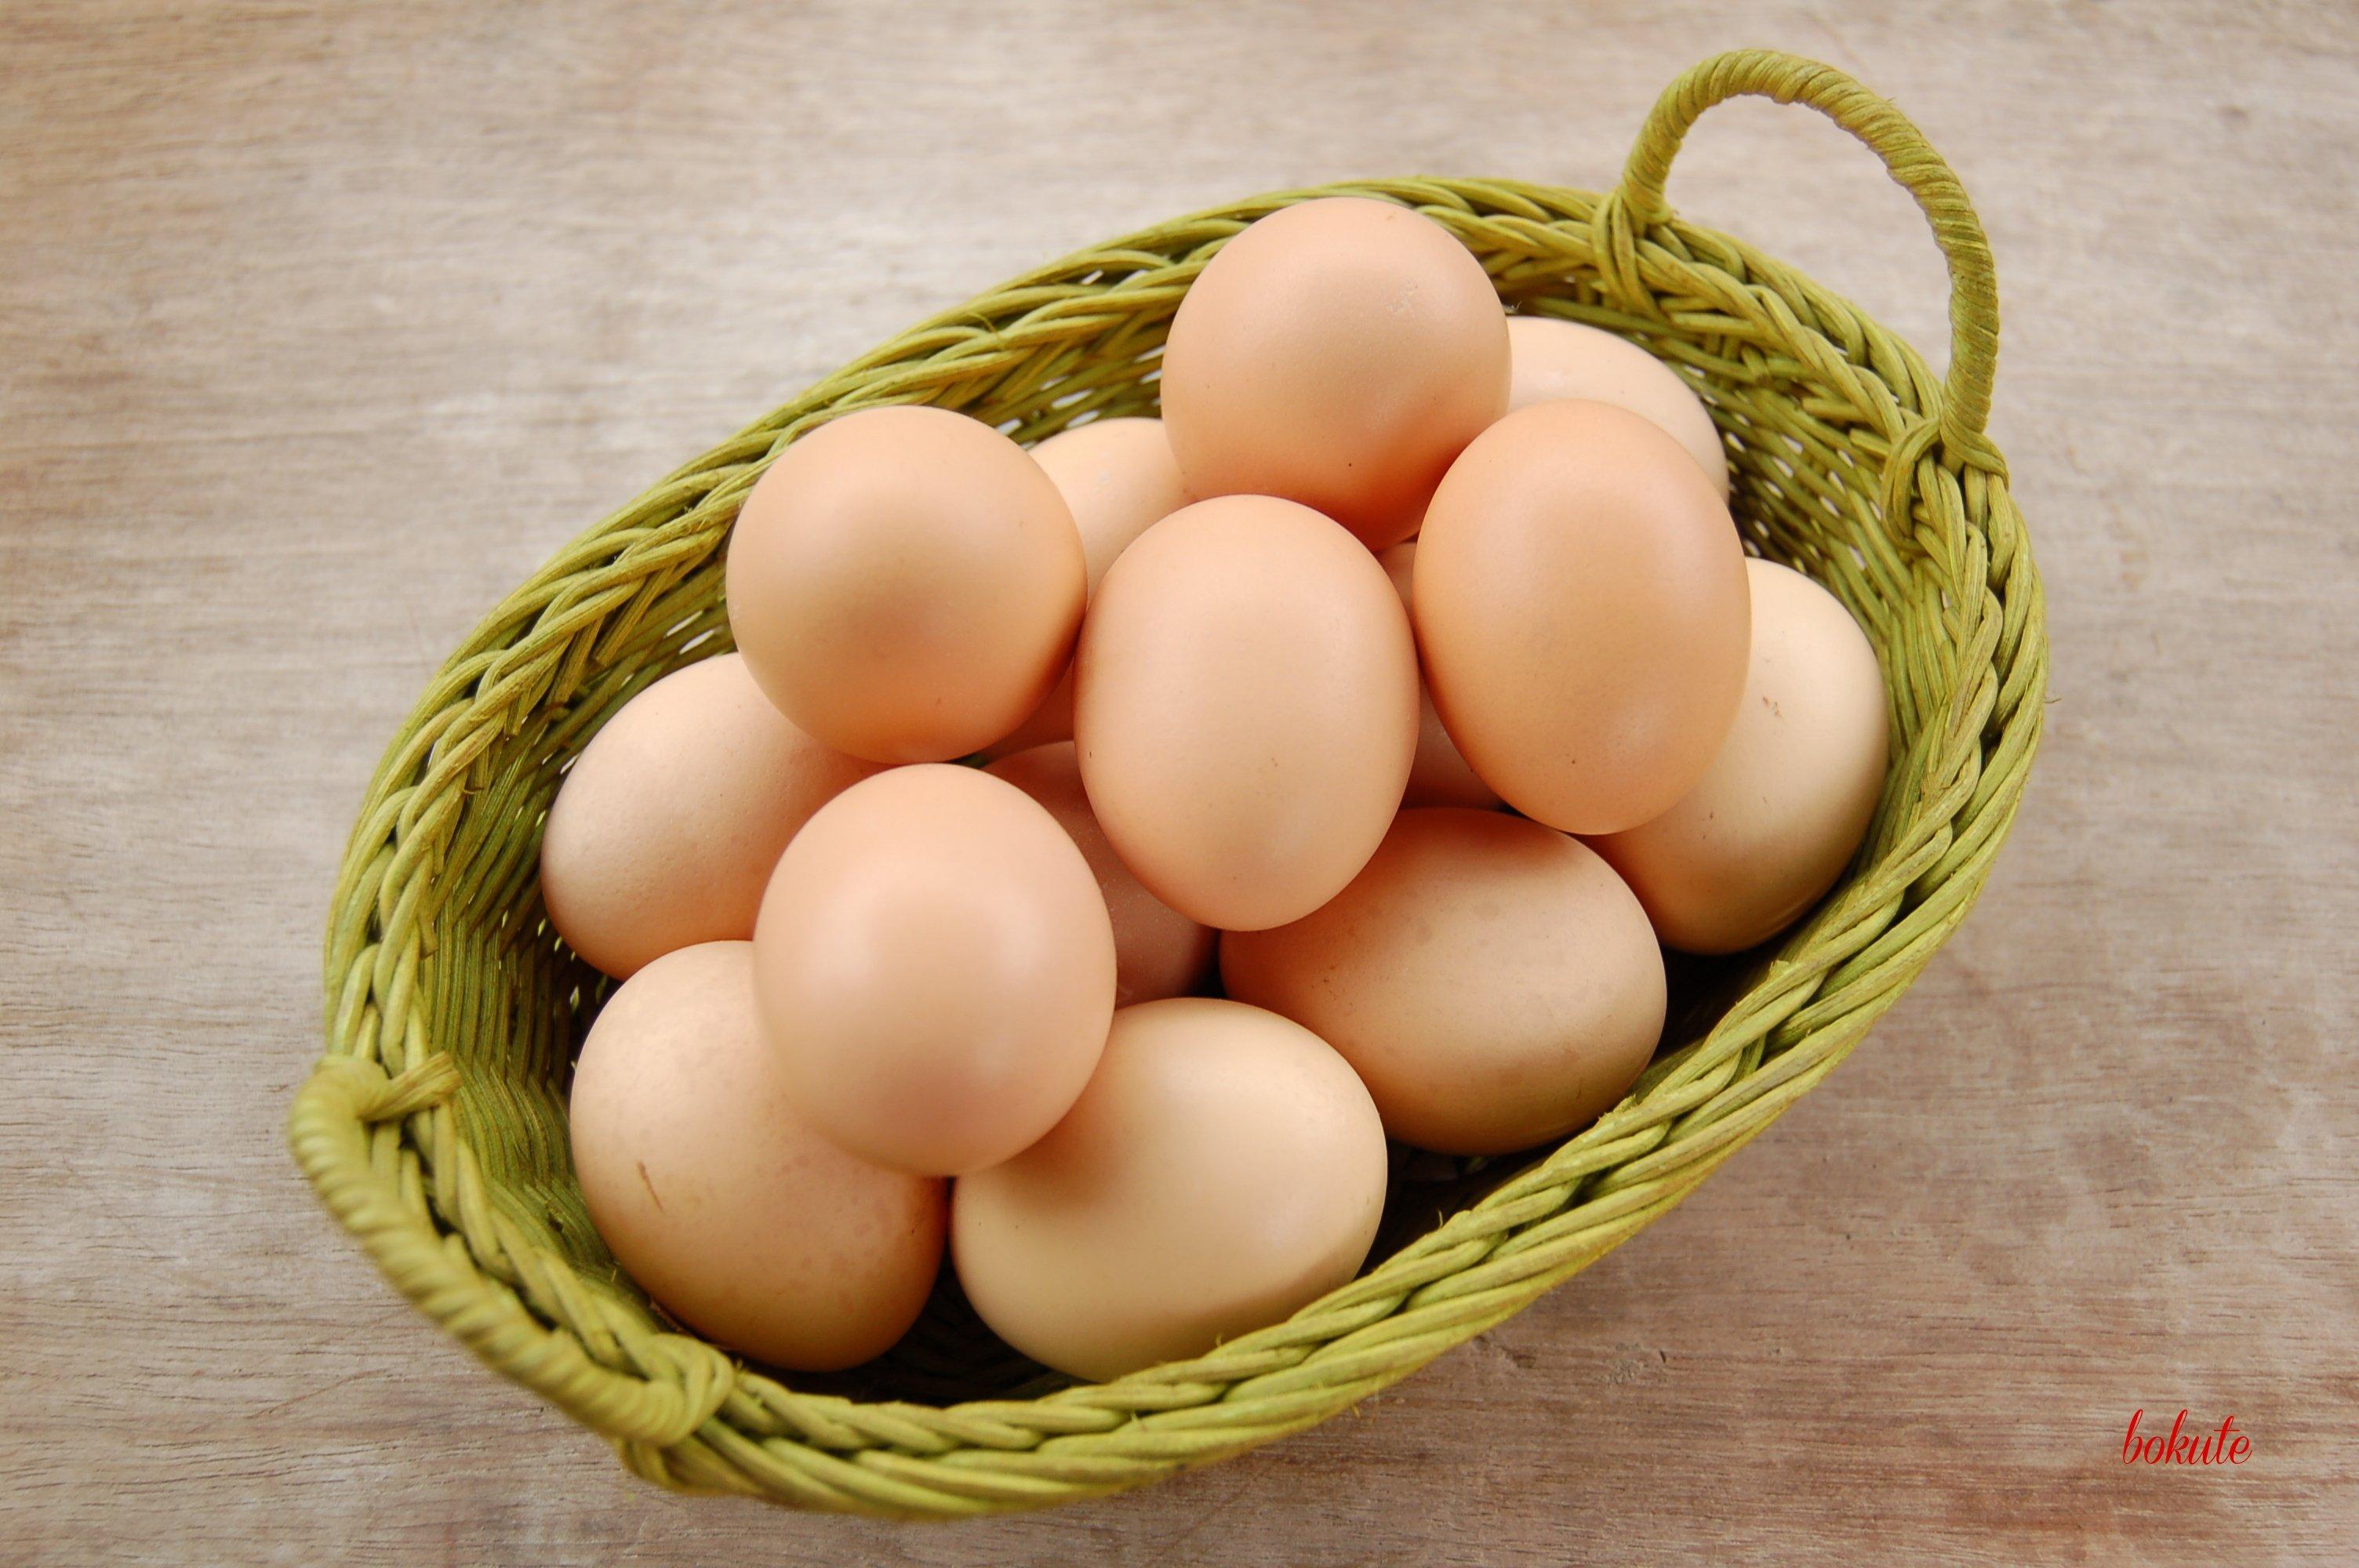 Cảnh báo hậu quả khôn lường khi ăn trứng để quá lâu 4